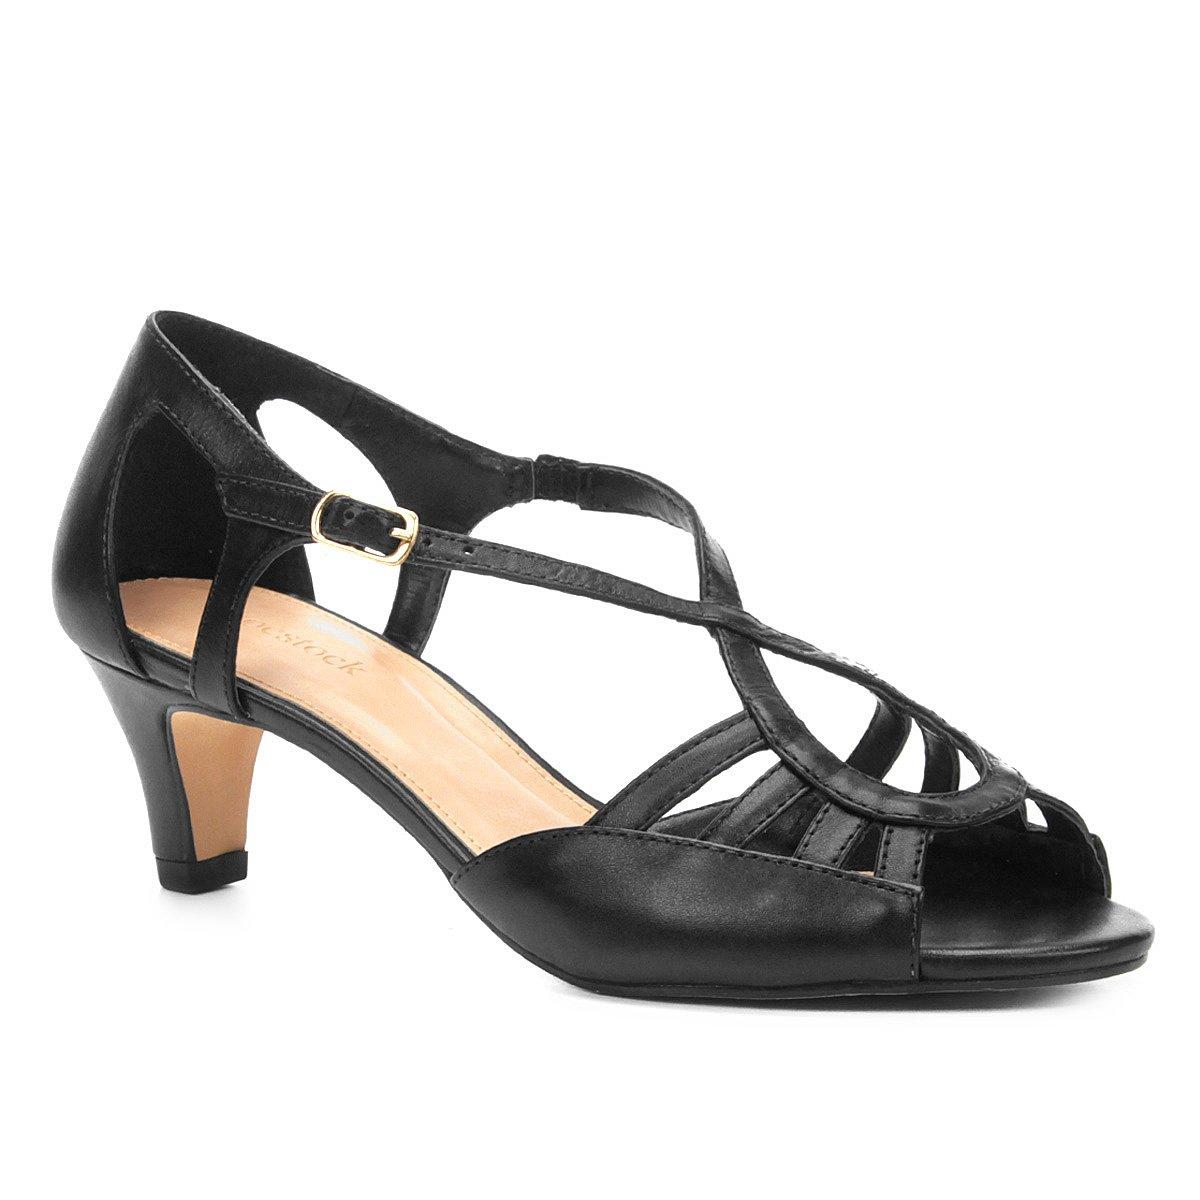 ce18677d82 Sandália Couro Shoestock Salto Grosso Ondas Feminina